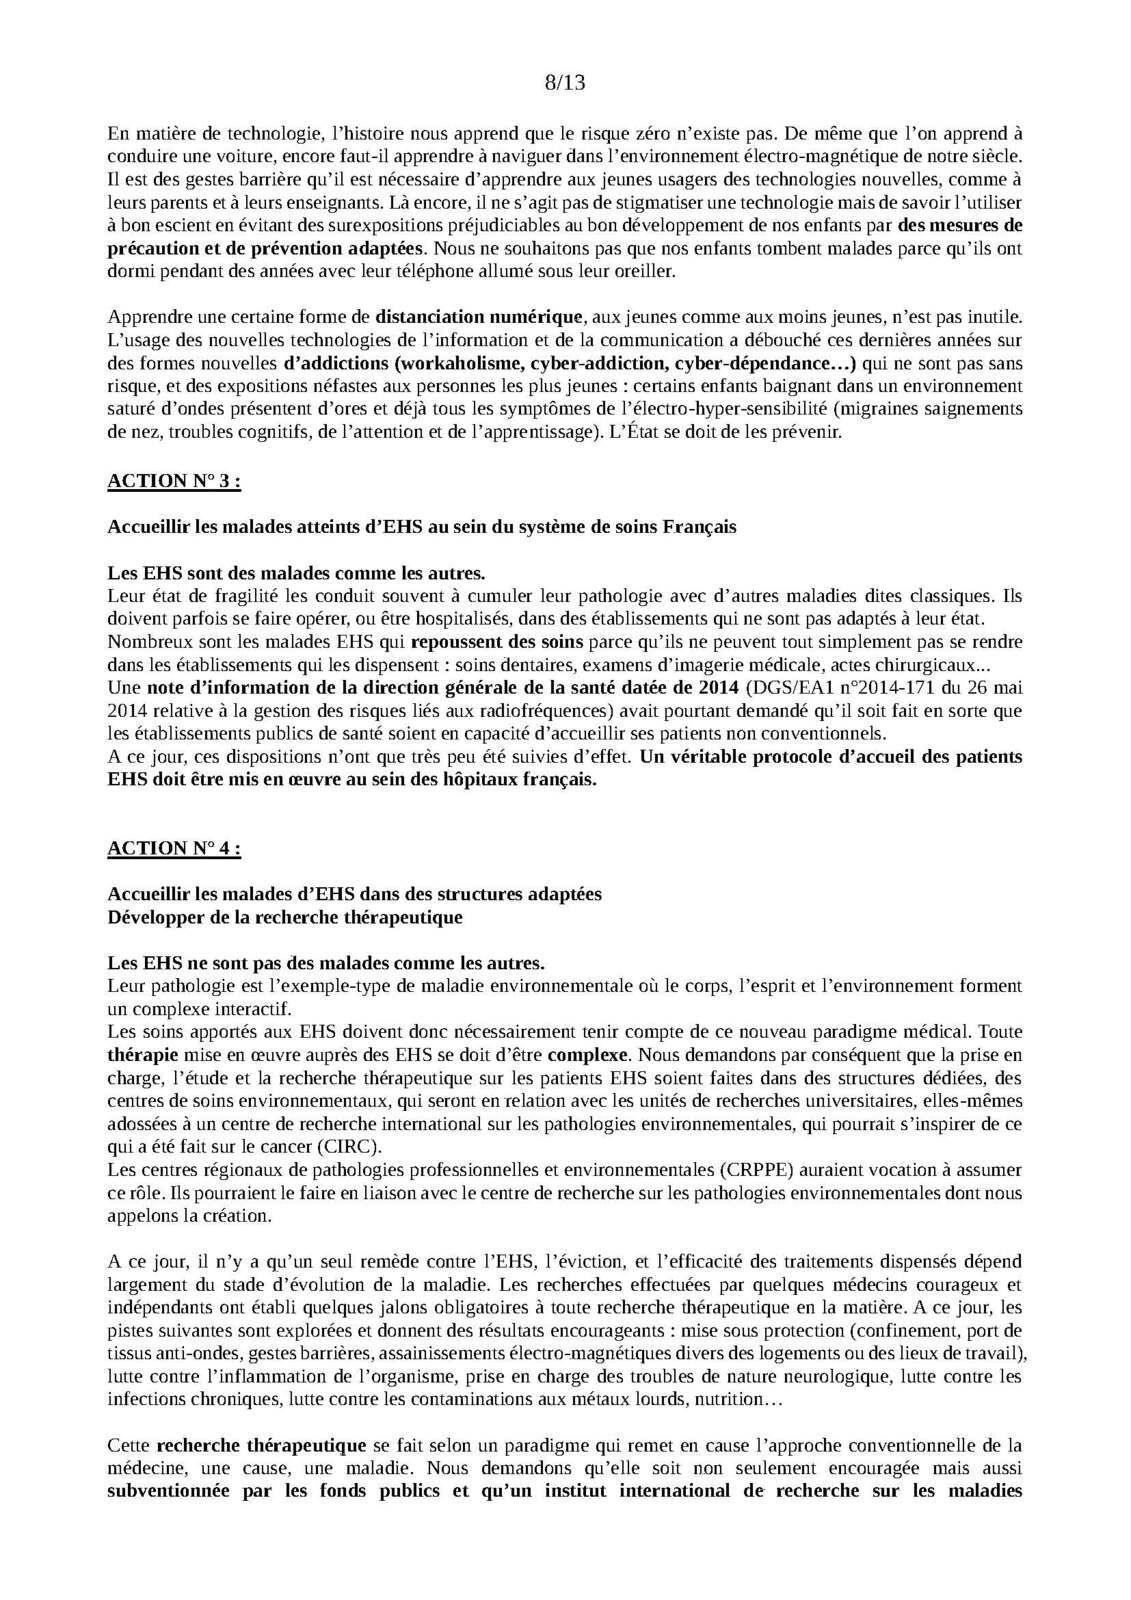 Le P.A.P.E, Plan national d'Assistance aux Personnes Electro-hyper-sensibles